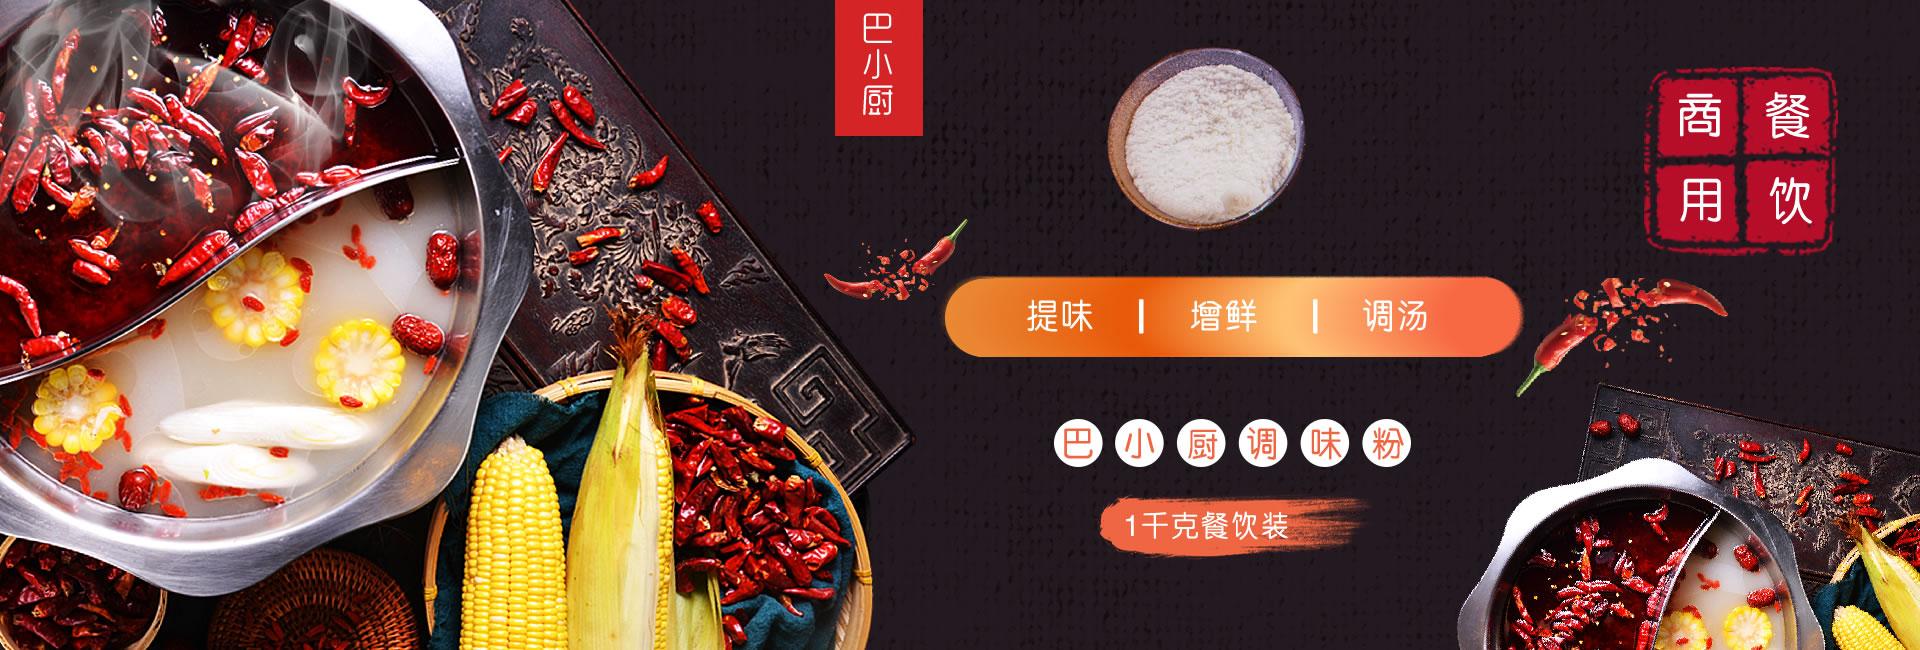 巴小厨火锅串串提味调汤粉